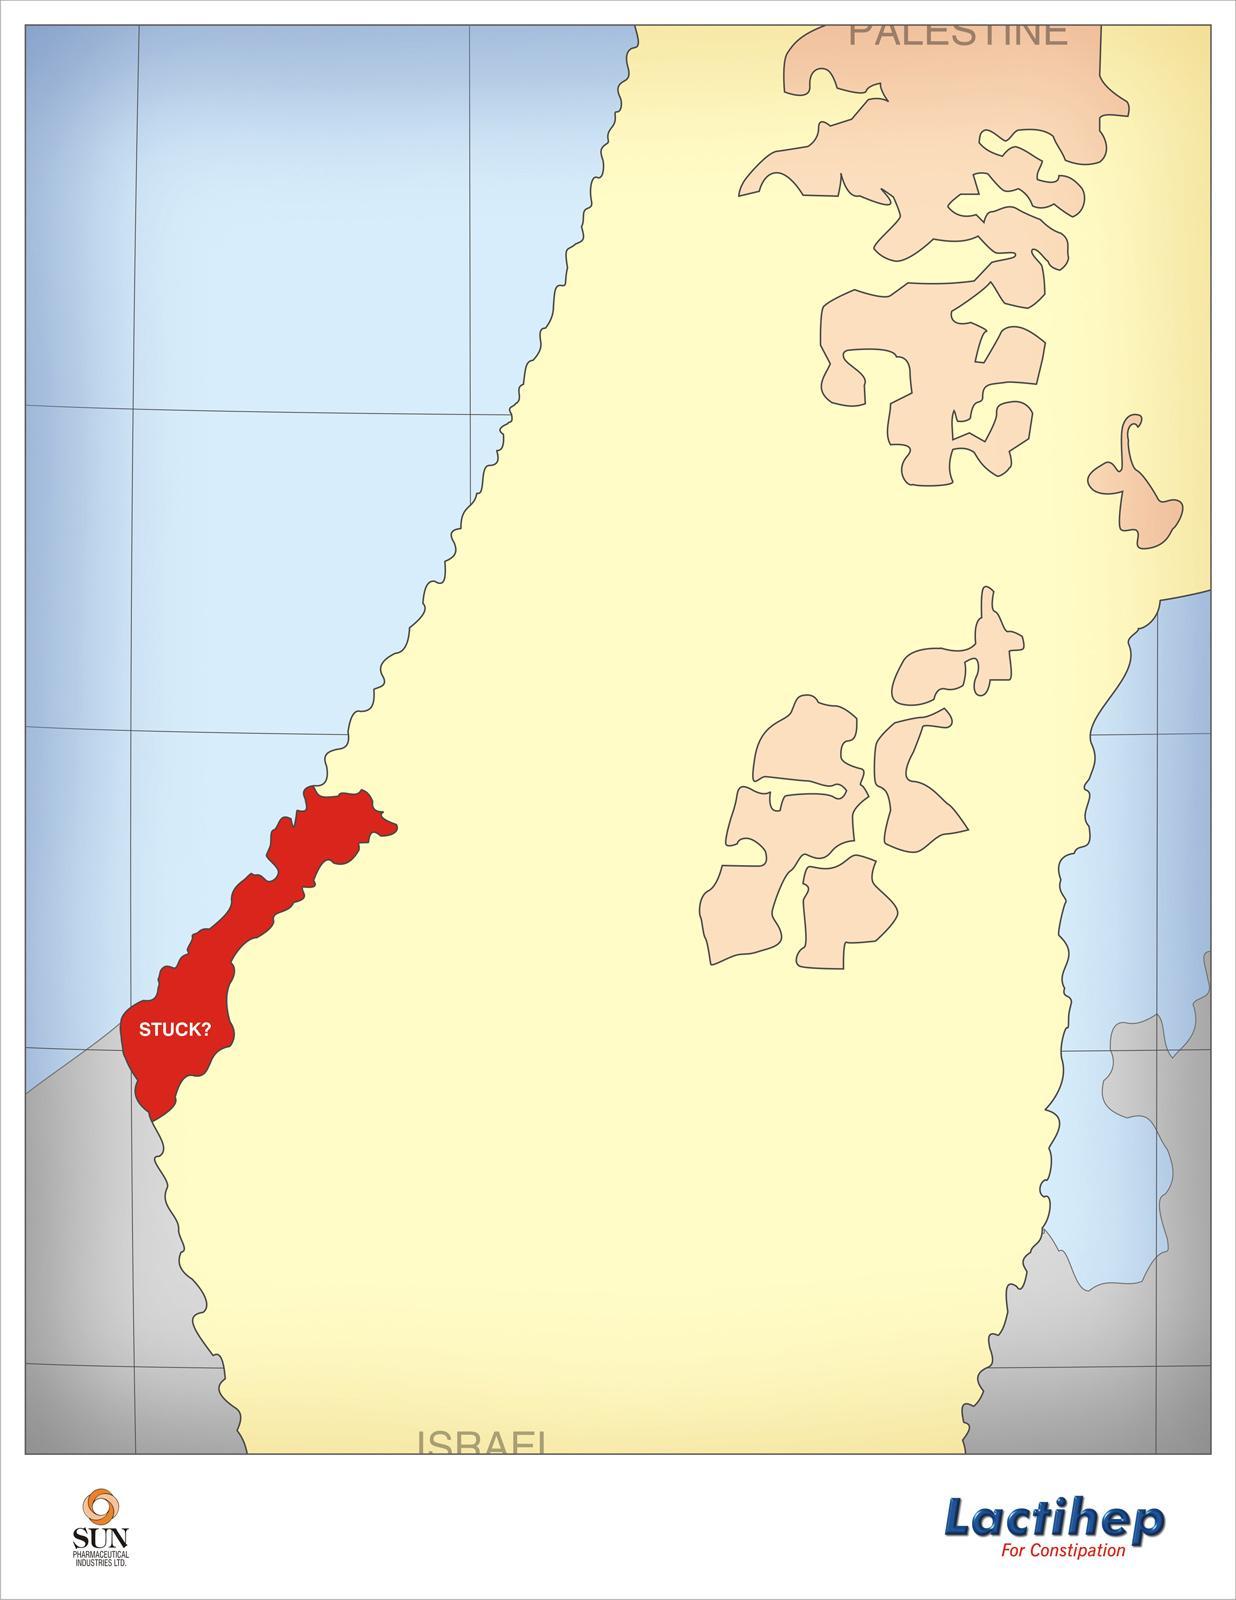 Lactihep Print Ad -  Palestine/Israel